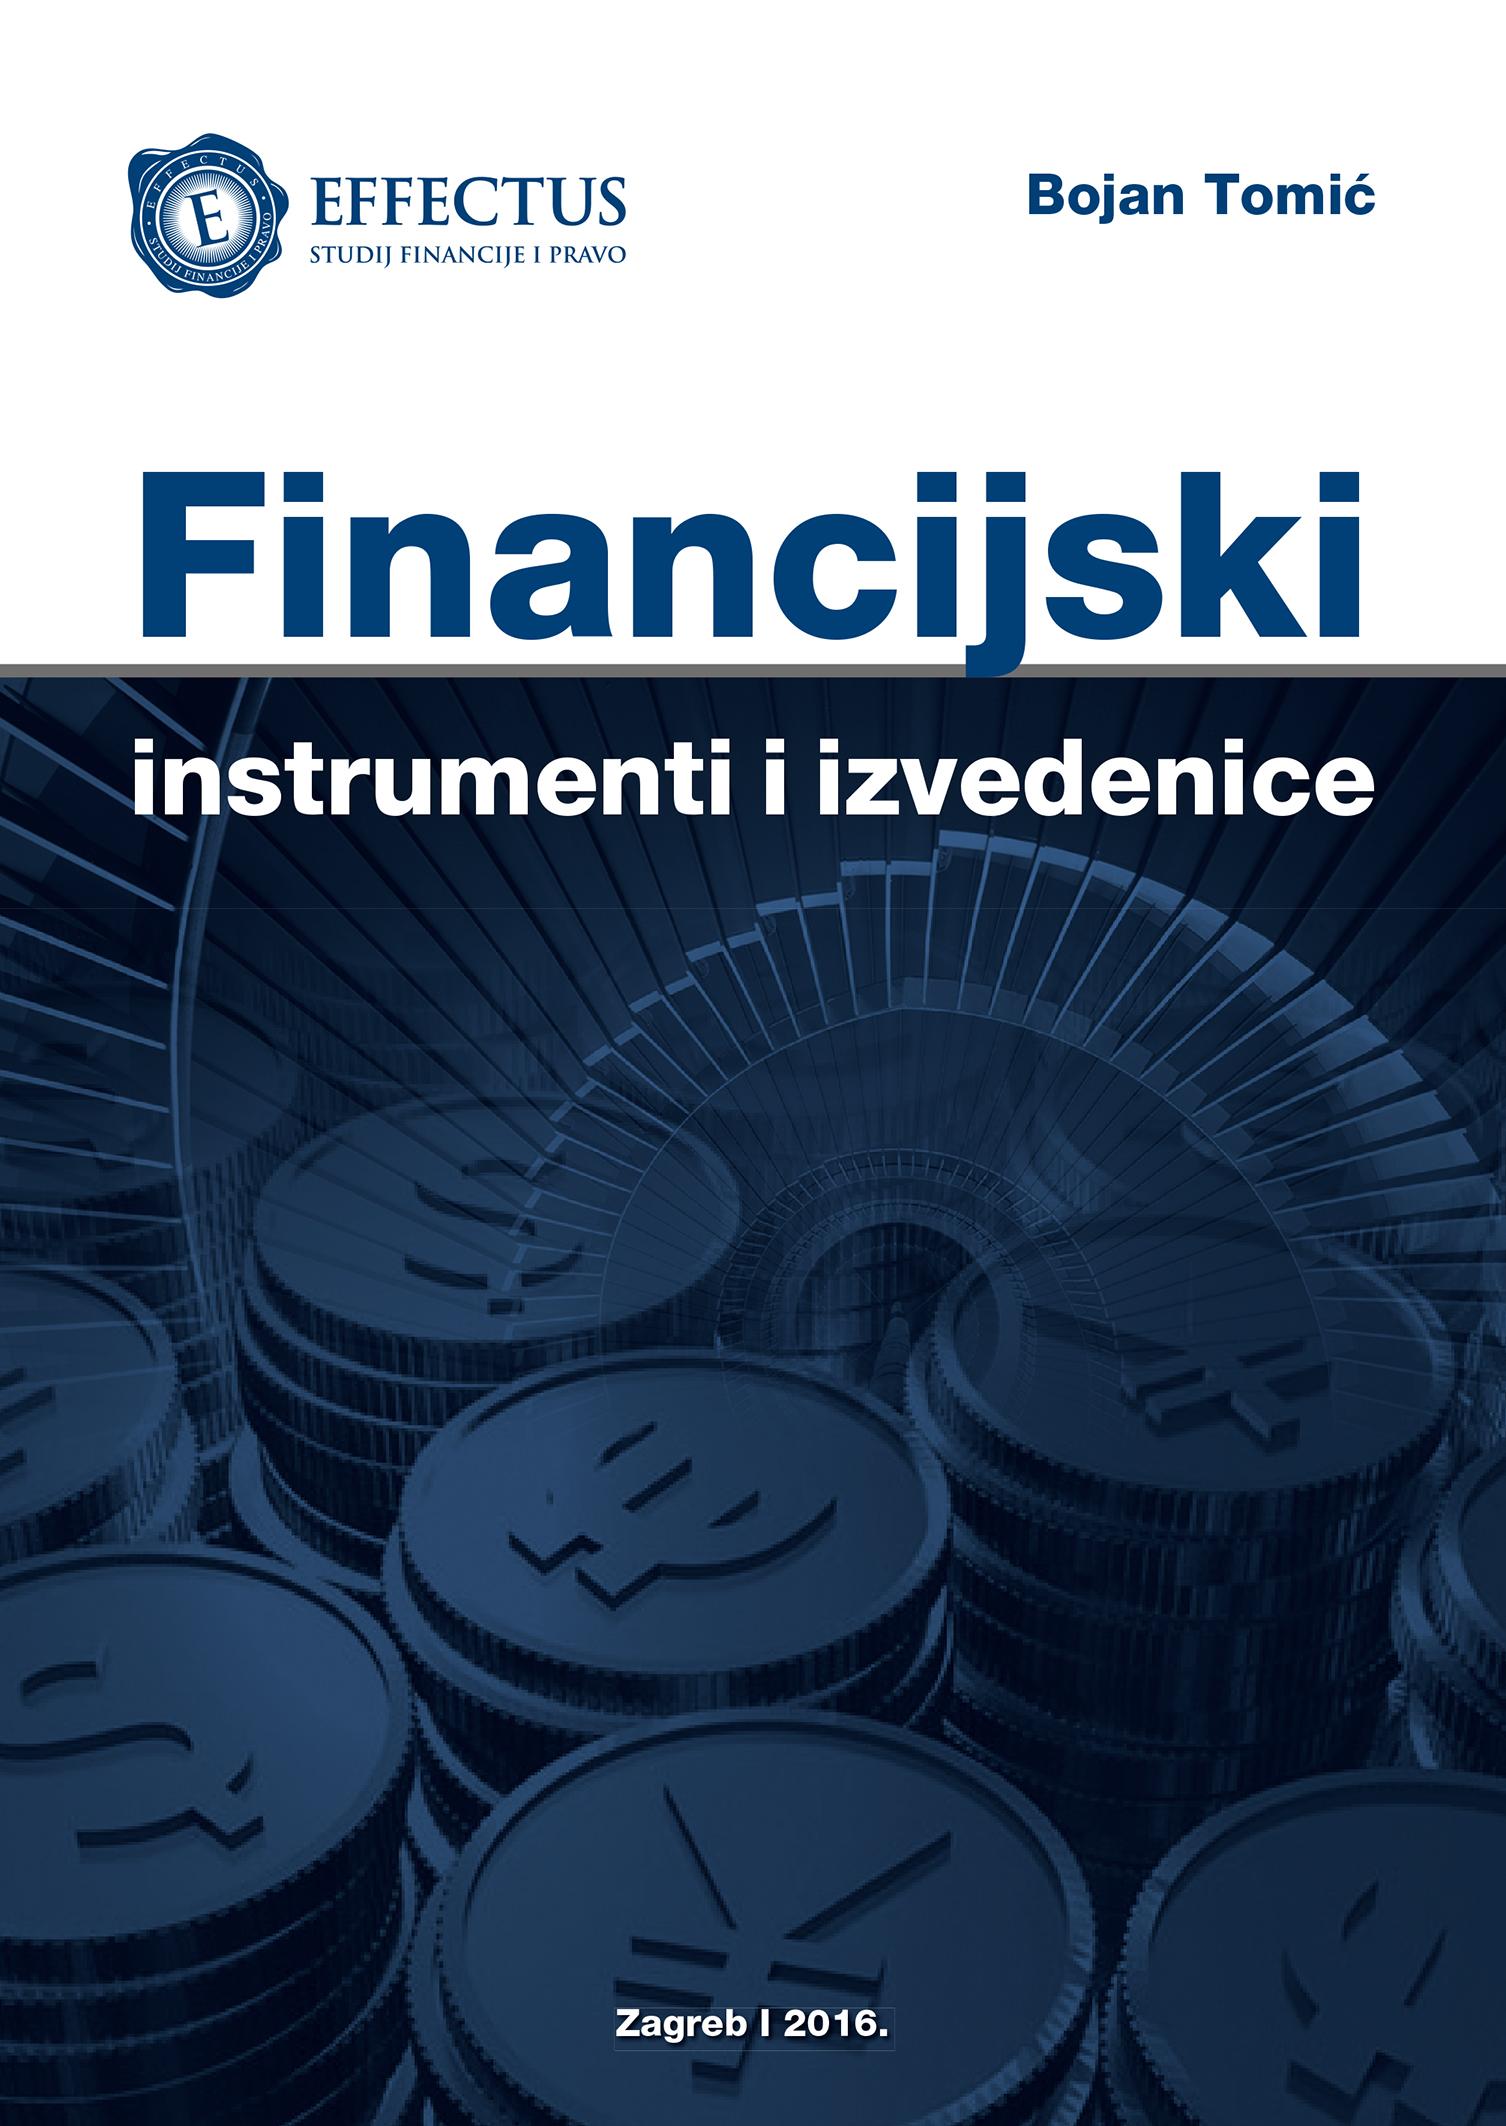 FINANCIJSKI INSTRUMENTI I IZVEDENICE - Naruči svoju knjigu